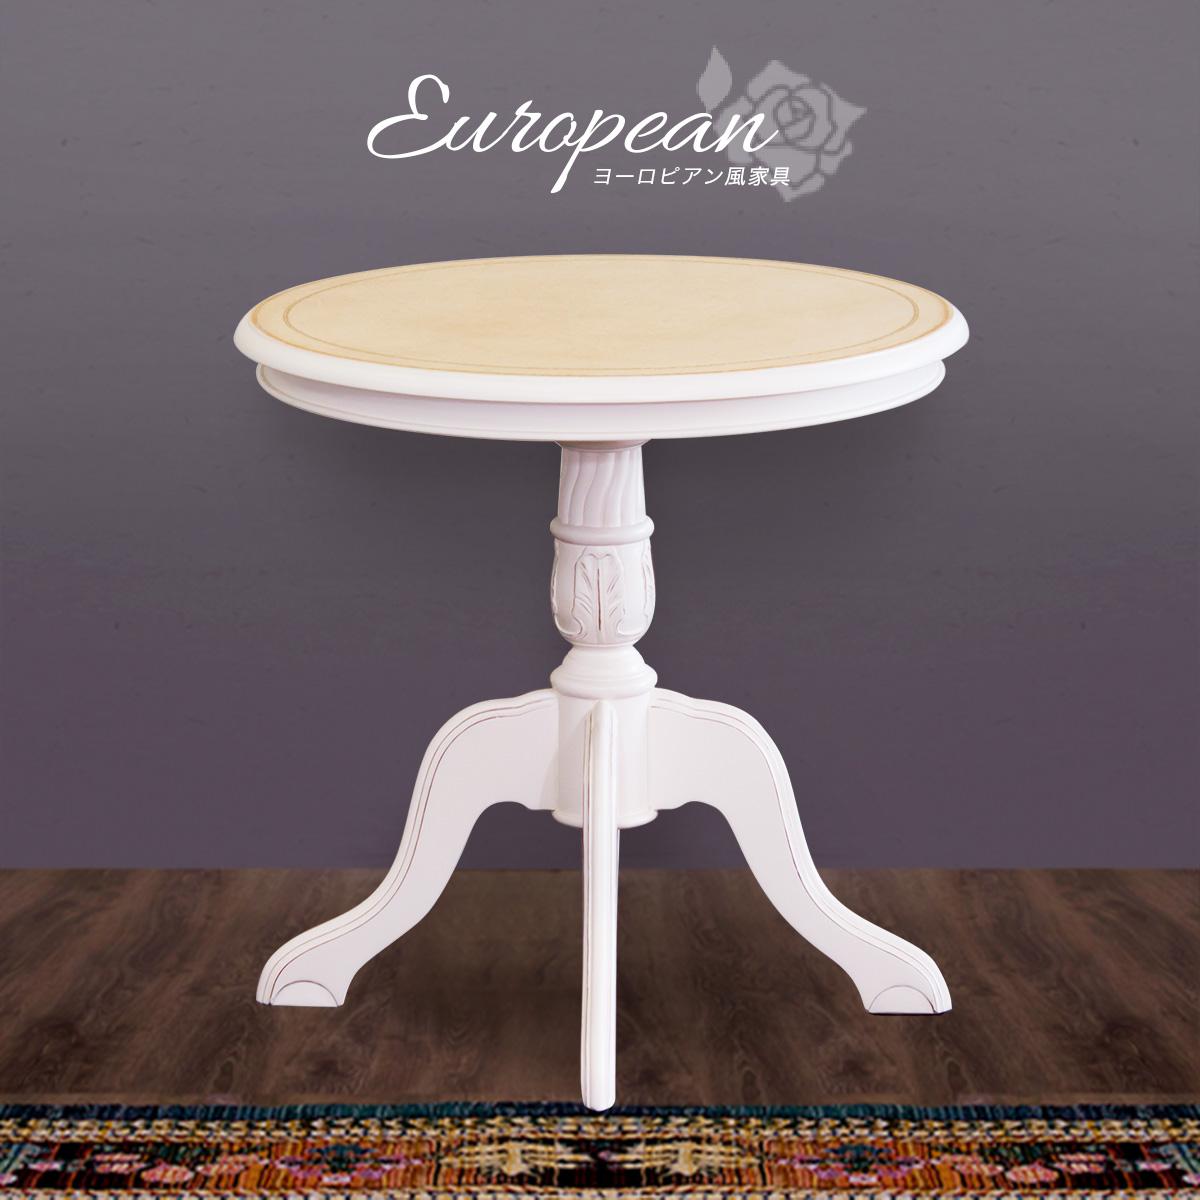 テーブル 幅60cm ホワイト 白 木製 ヨーロピアン アンティーク風 クラシックテーブル 姫家具 プリンセス家具 白家具 ホワイト 木製 カフェテーブル アンティーク調テーブル/通販/送料無料 組立不要